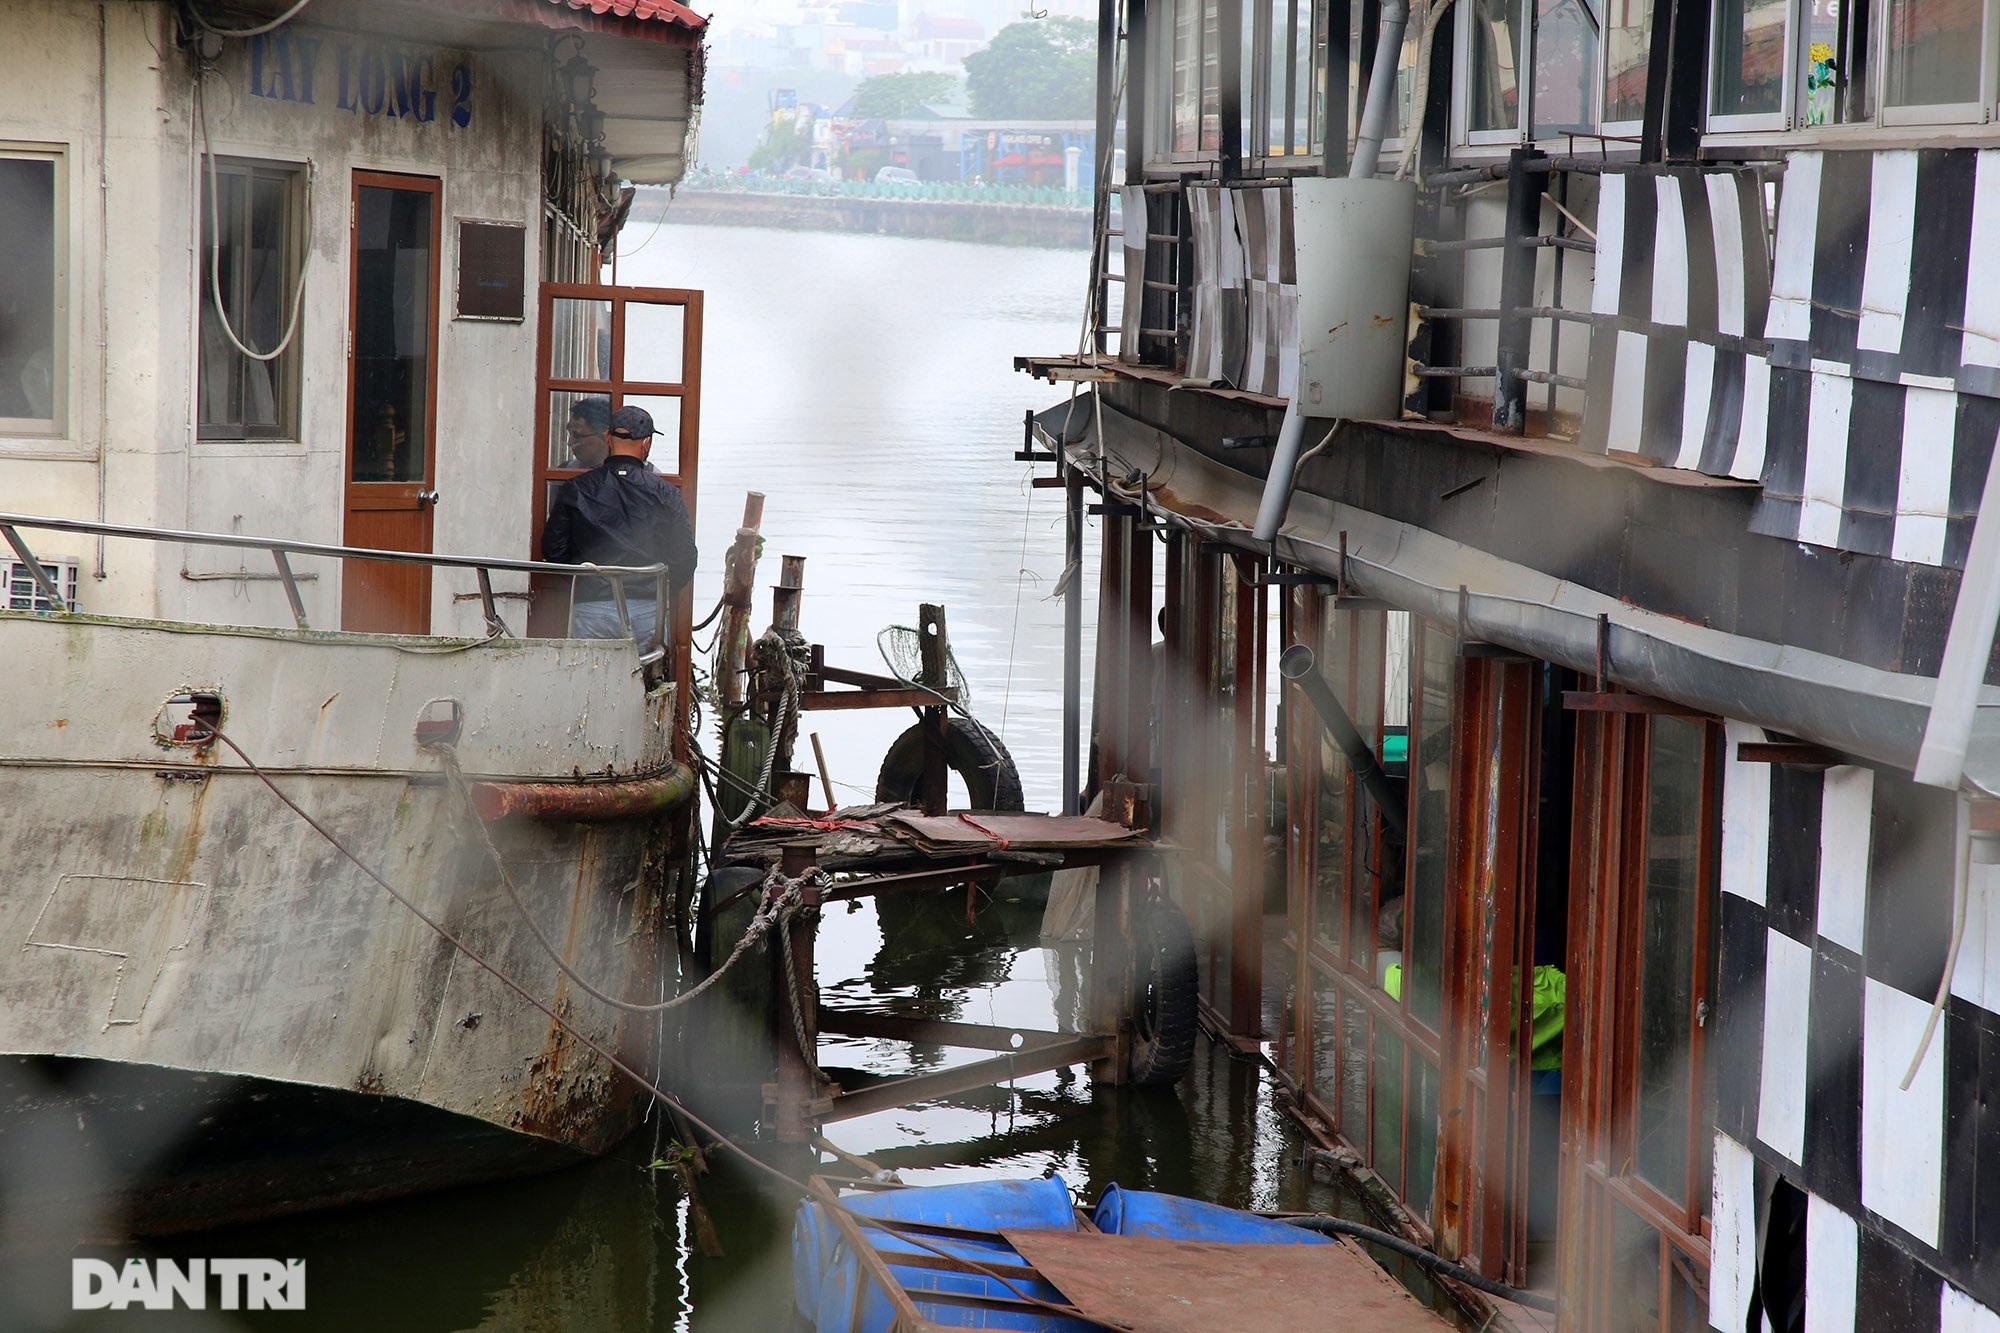 Xác tàu hoen gỉ nổi trên hồ Tây suốt 4 năm qua không được tháo dỡ - 5